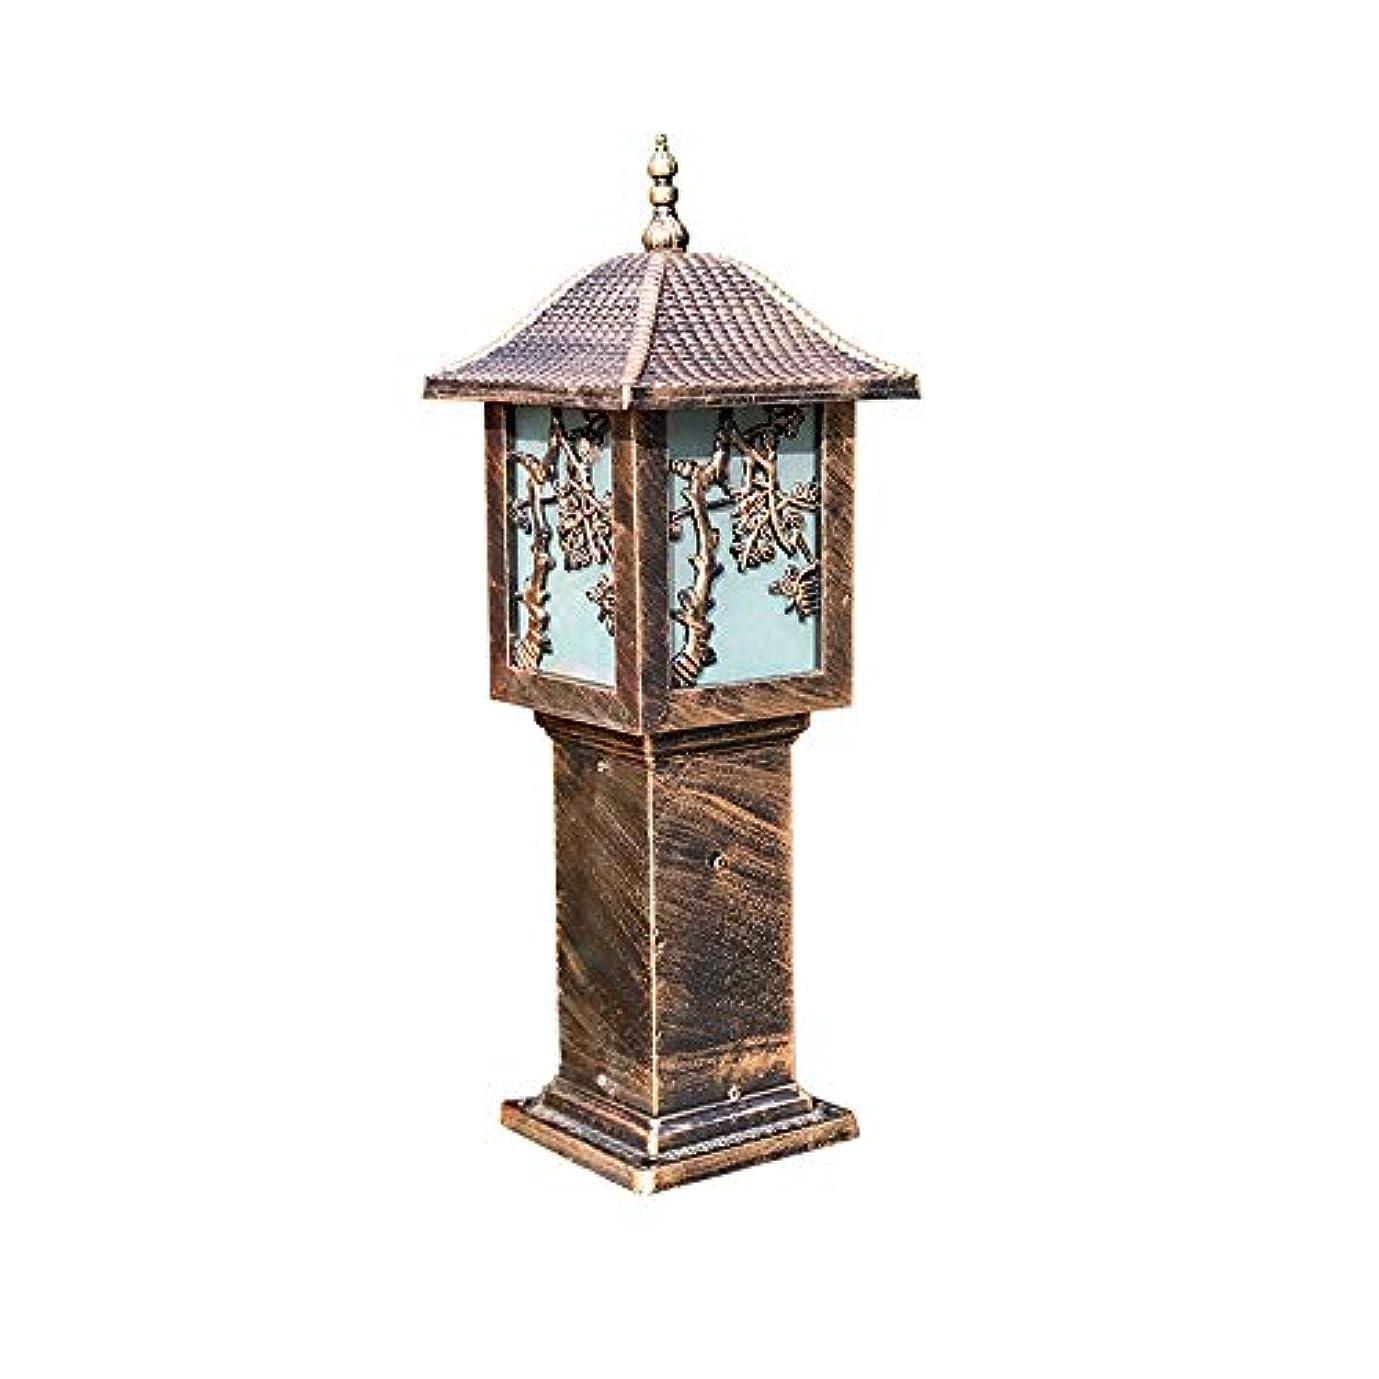 失われた暗い信仰Pinjeer E27ヨーロッパガラス防水屋外ヴィンテージコラムランプレトロ工業金属アルミポストライト風景芝生庭中庭装飾柱ライト (Color : Brass, サイズ : Height 60cm)